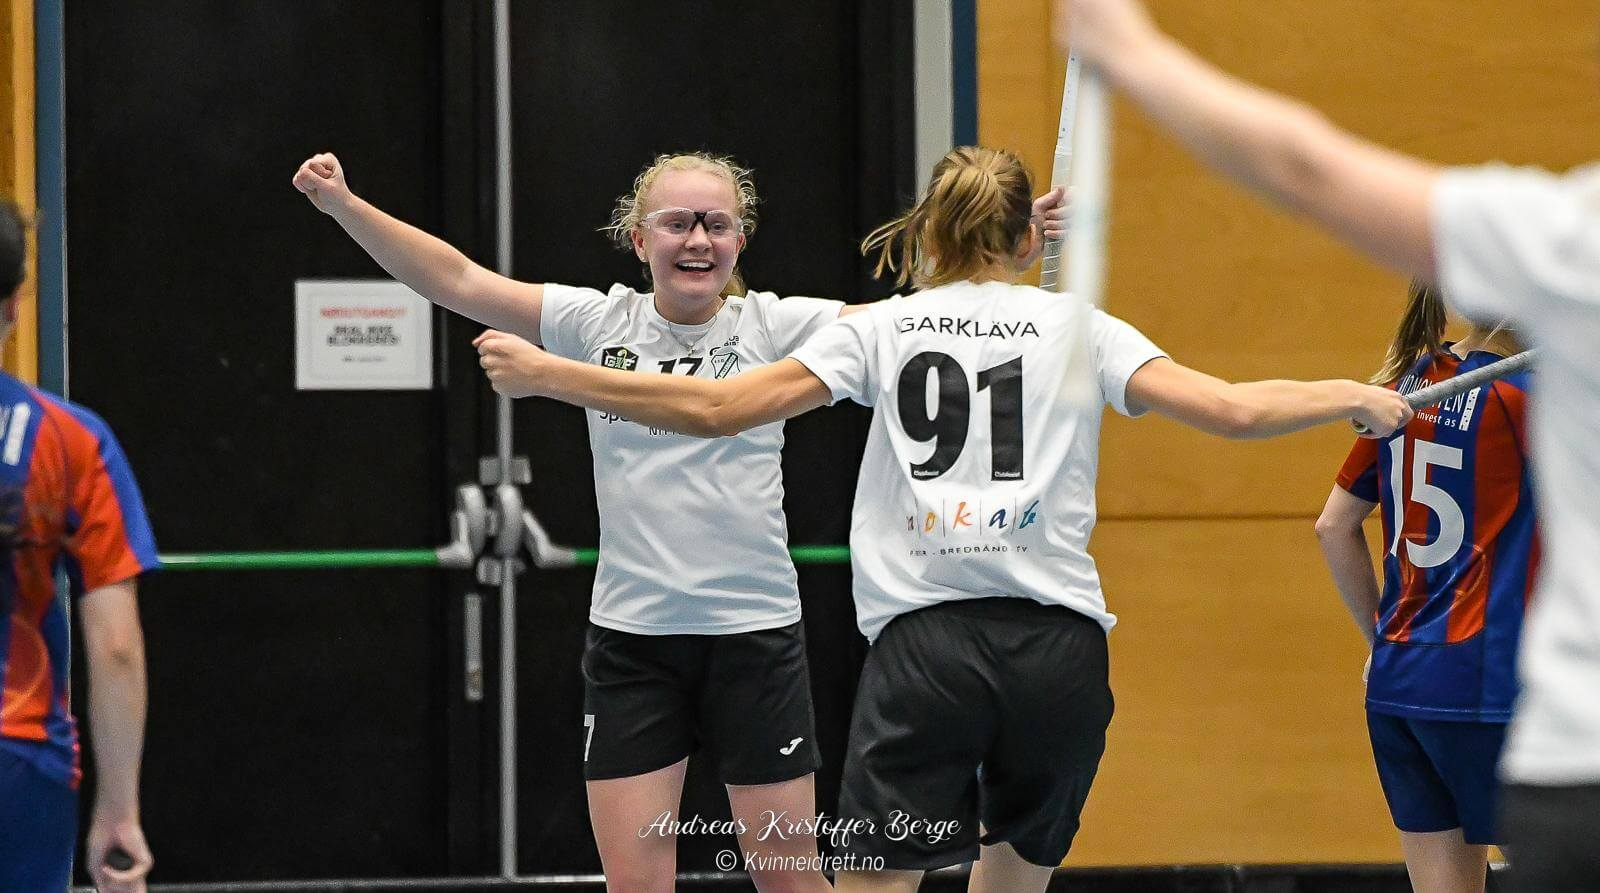 Madeleine Holte Tinholt og Gjelleråsen fikk en god start på dagens oppgjør, men en svak midtperiode ødela mye for nittedølingene. Foto: Andreas Kristoffer Berge